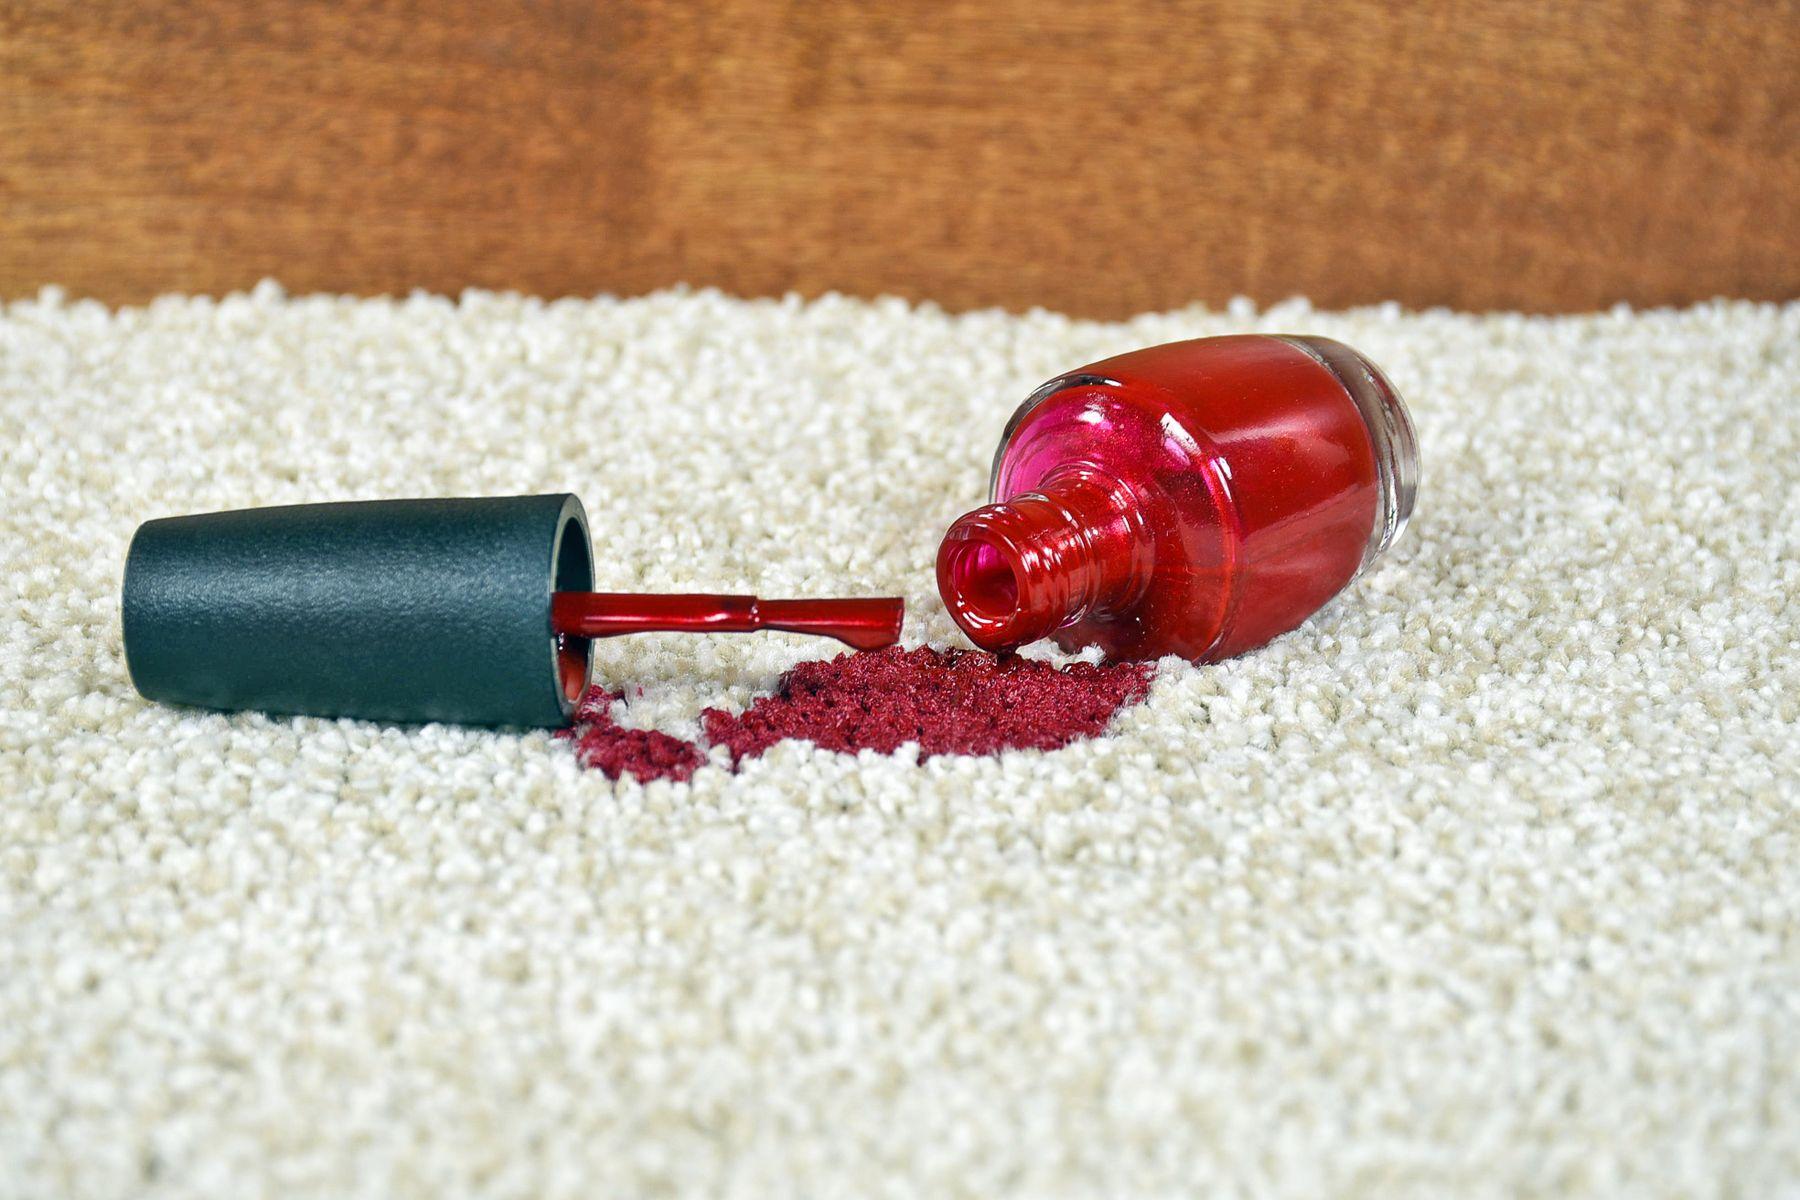 red nail polish spilt on carpet